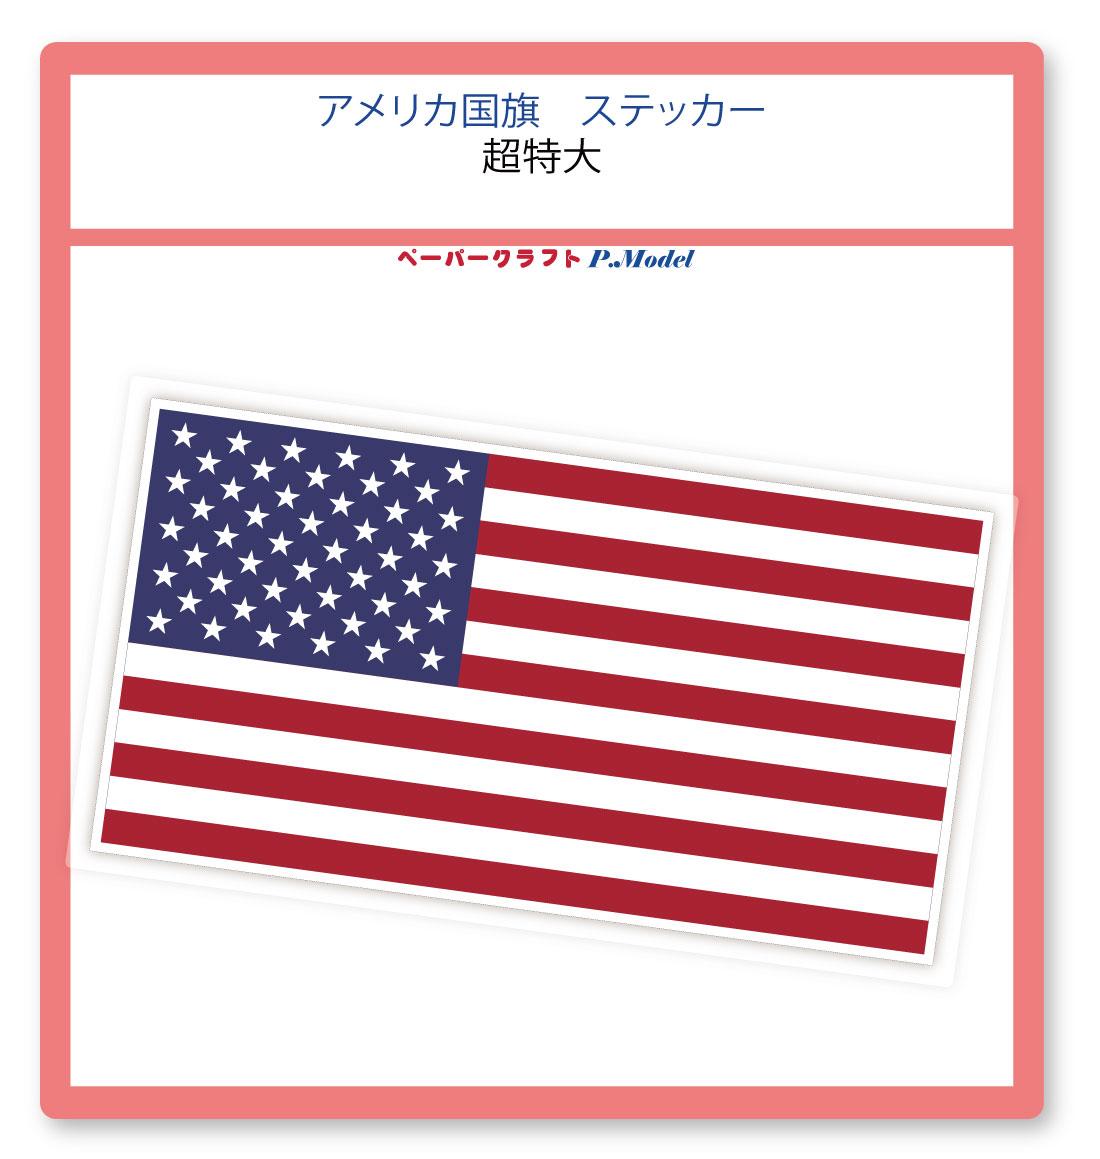 超特大サイズ 横幅160mm 超特大 ステッカー 大幅にプライスダウン 人気 おすすめ シール アメリカ国旗